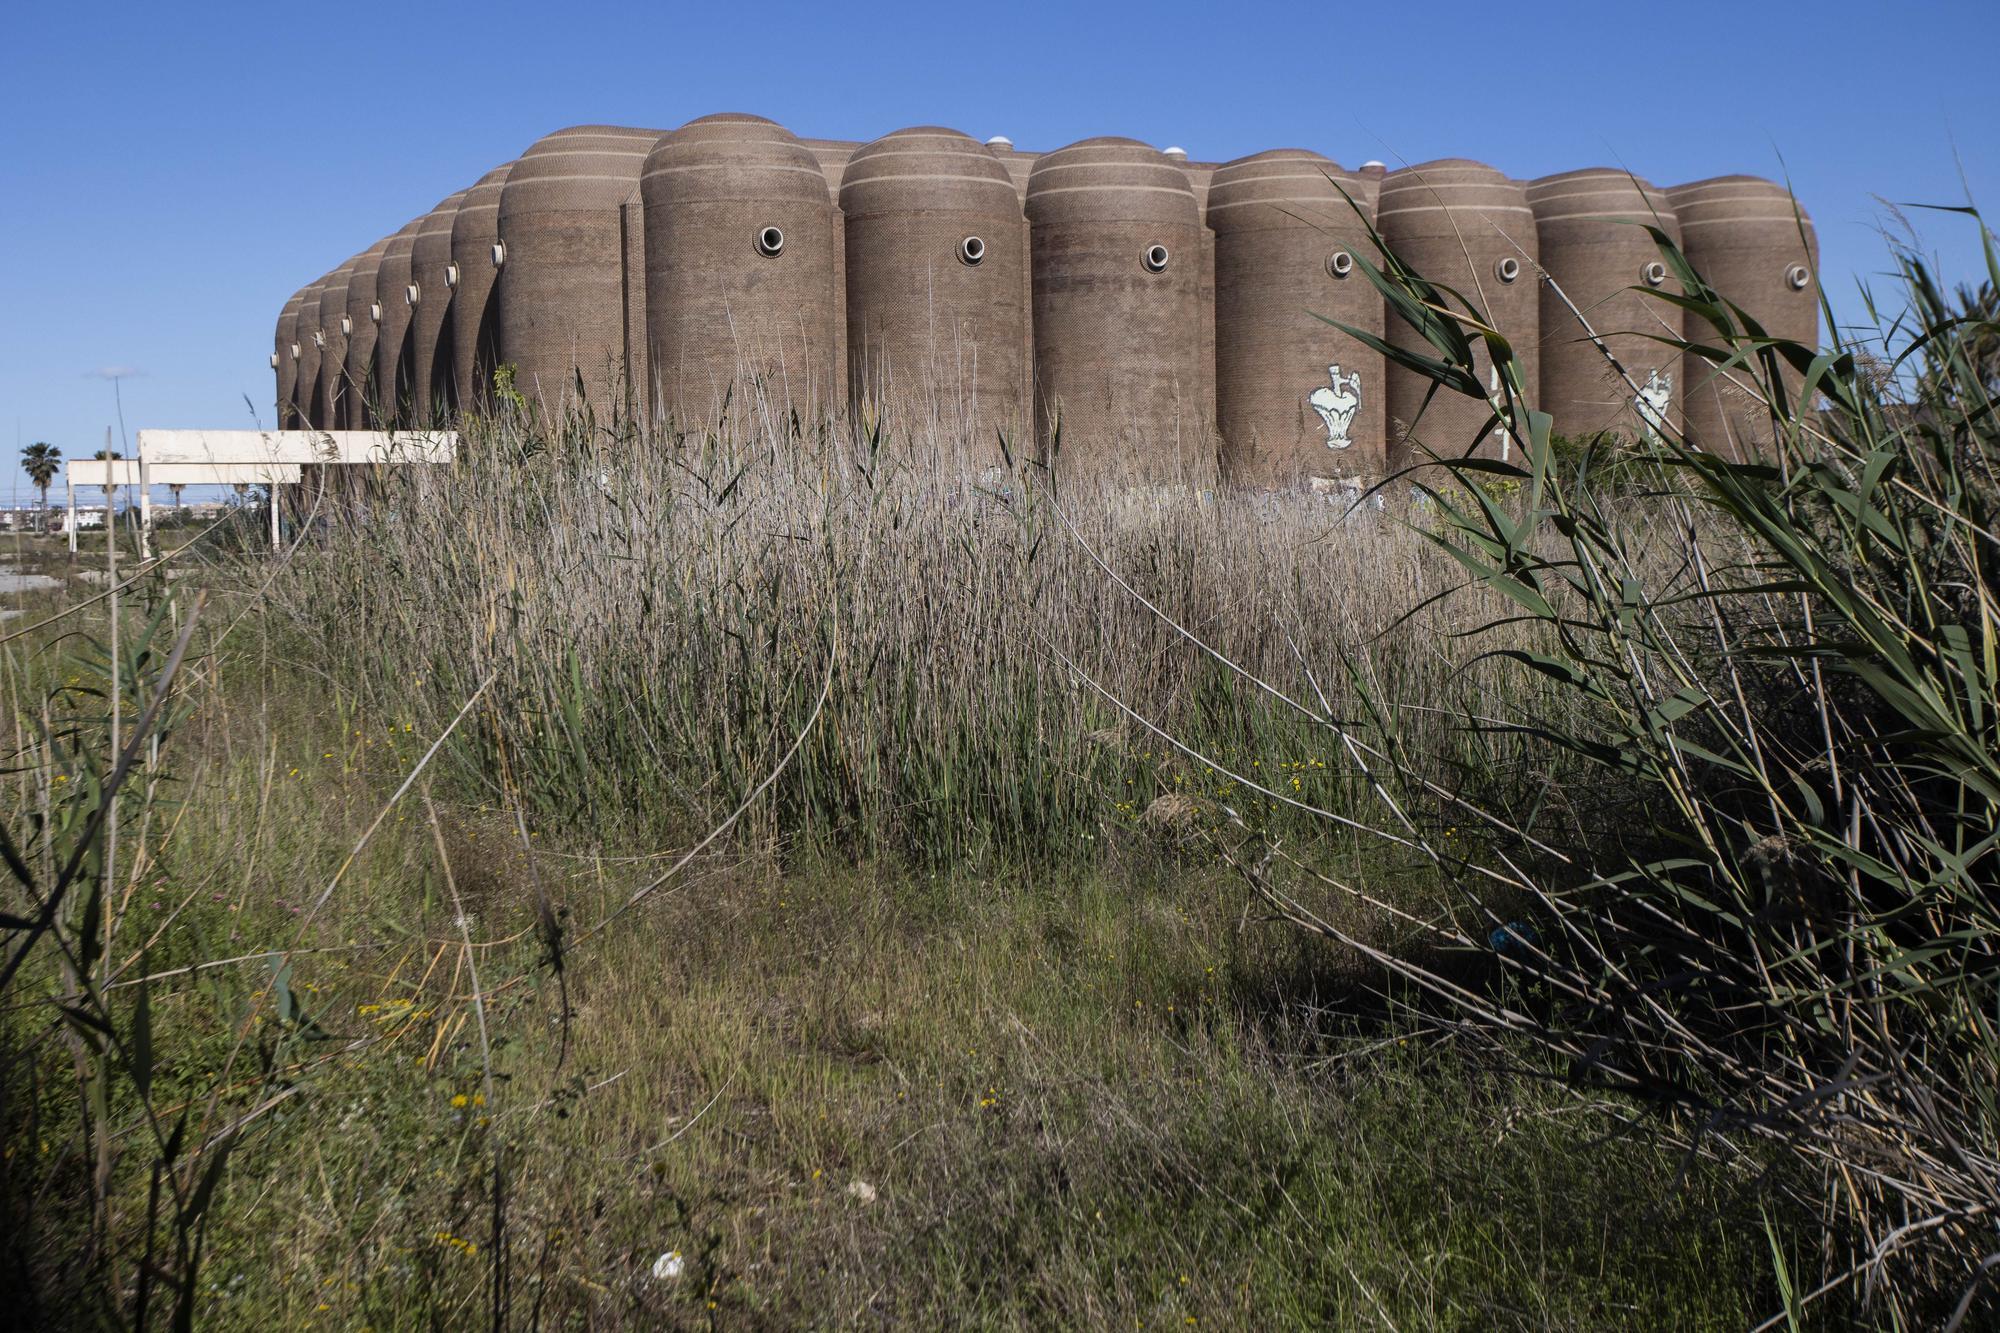 Así están las bodegas Vinival en Alboraia